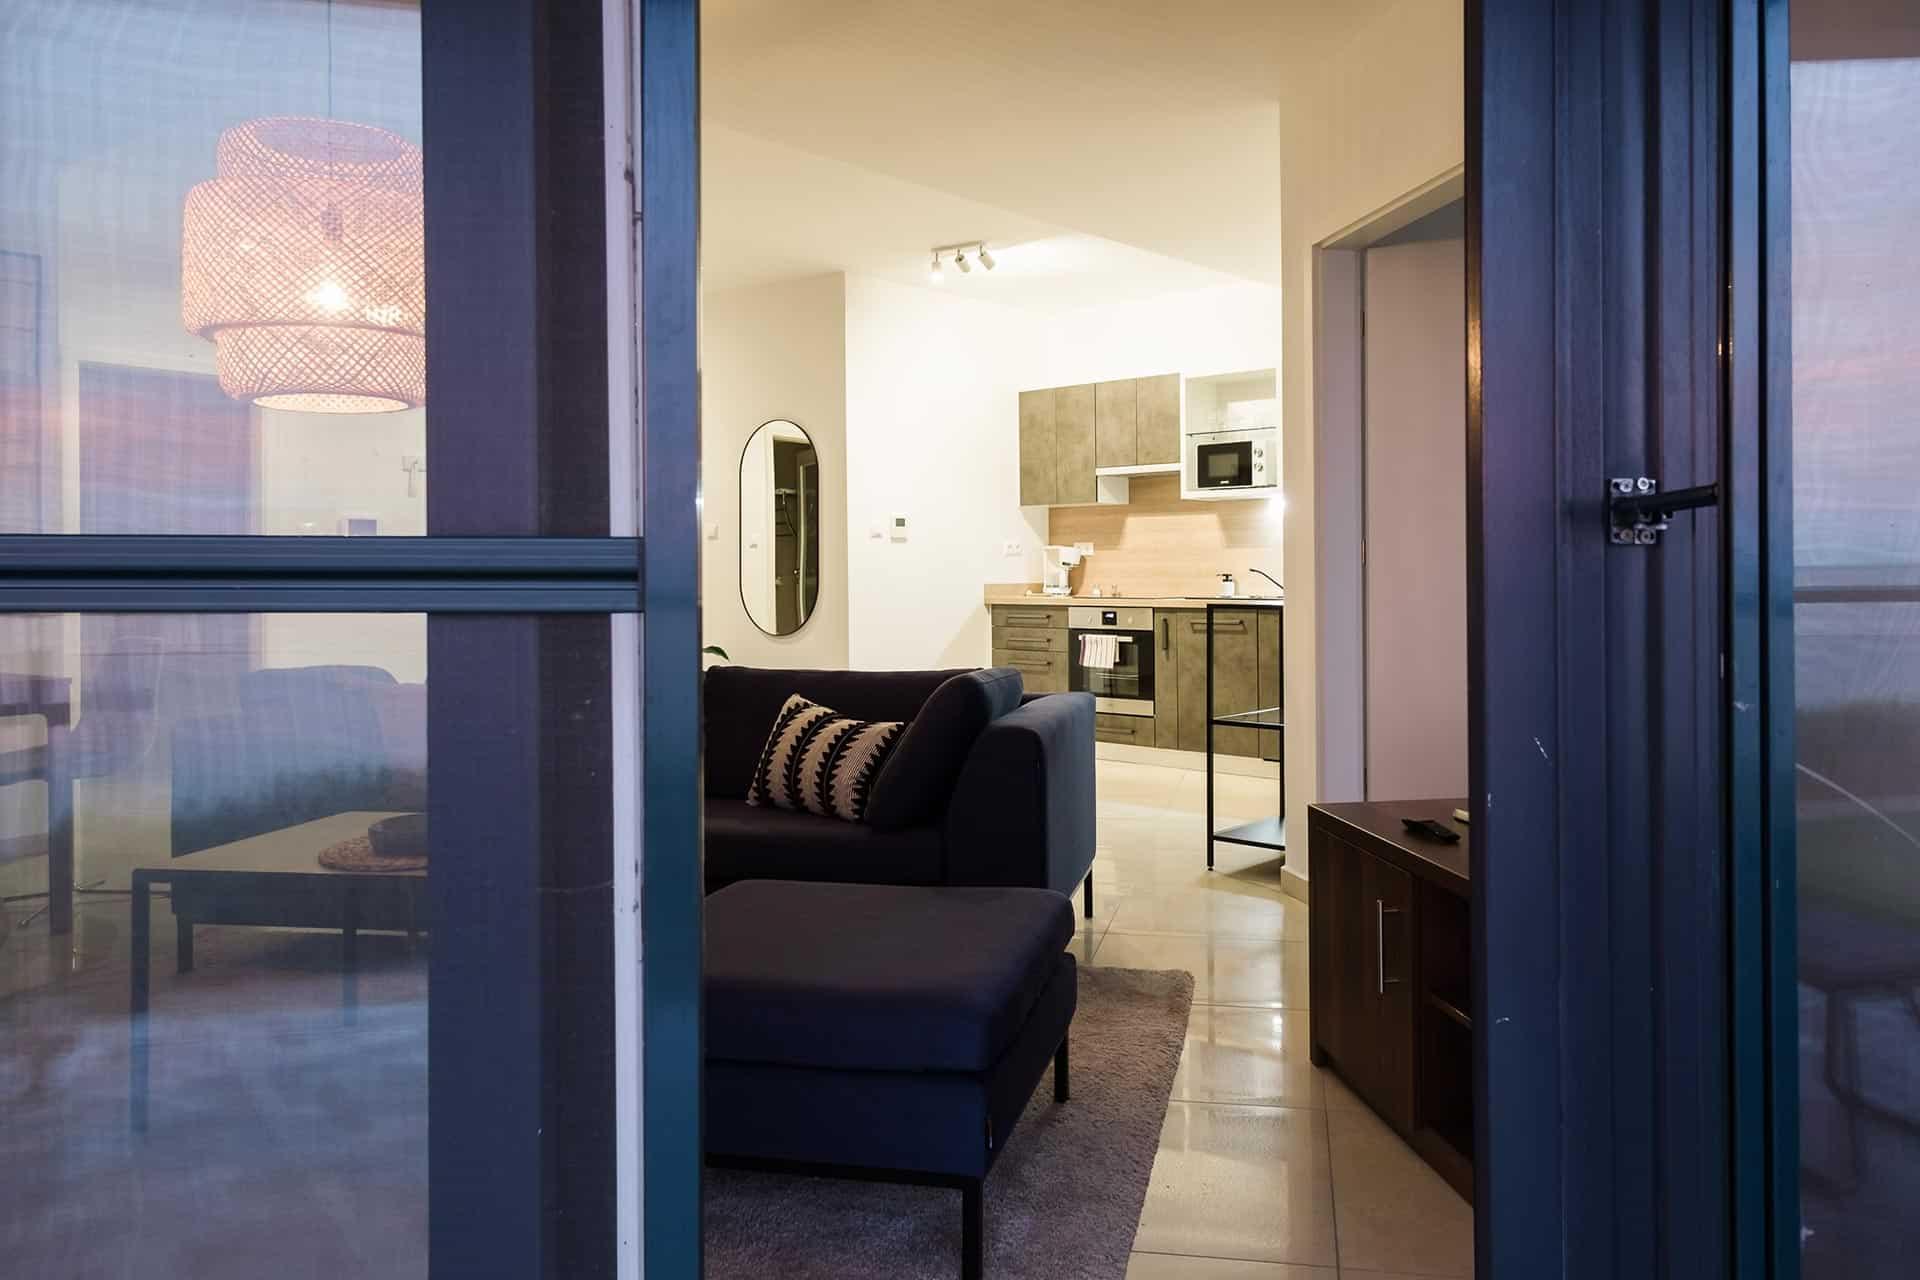 Vízparti balatoni panorámás Apartmanok Keszthely - nappali szoba.